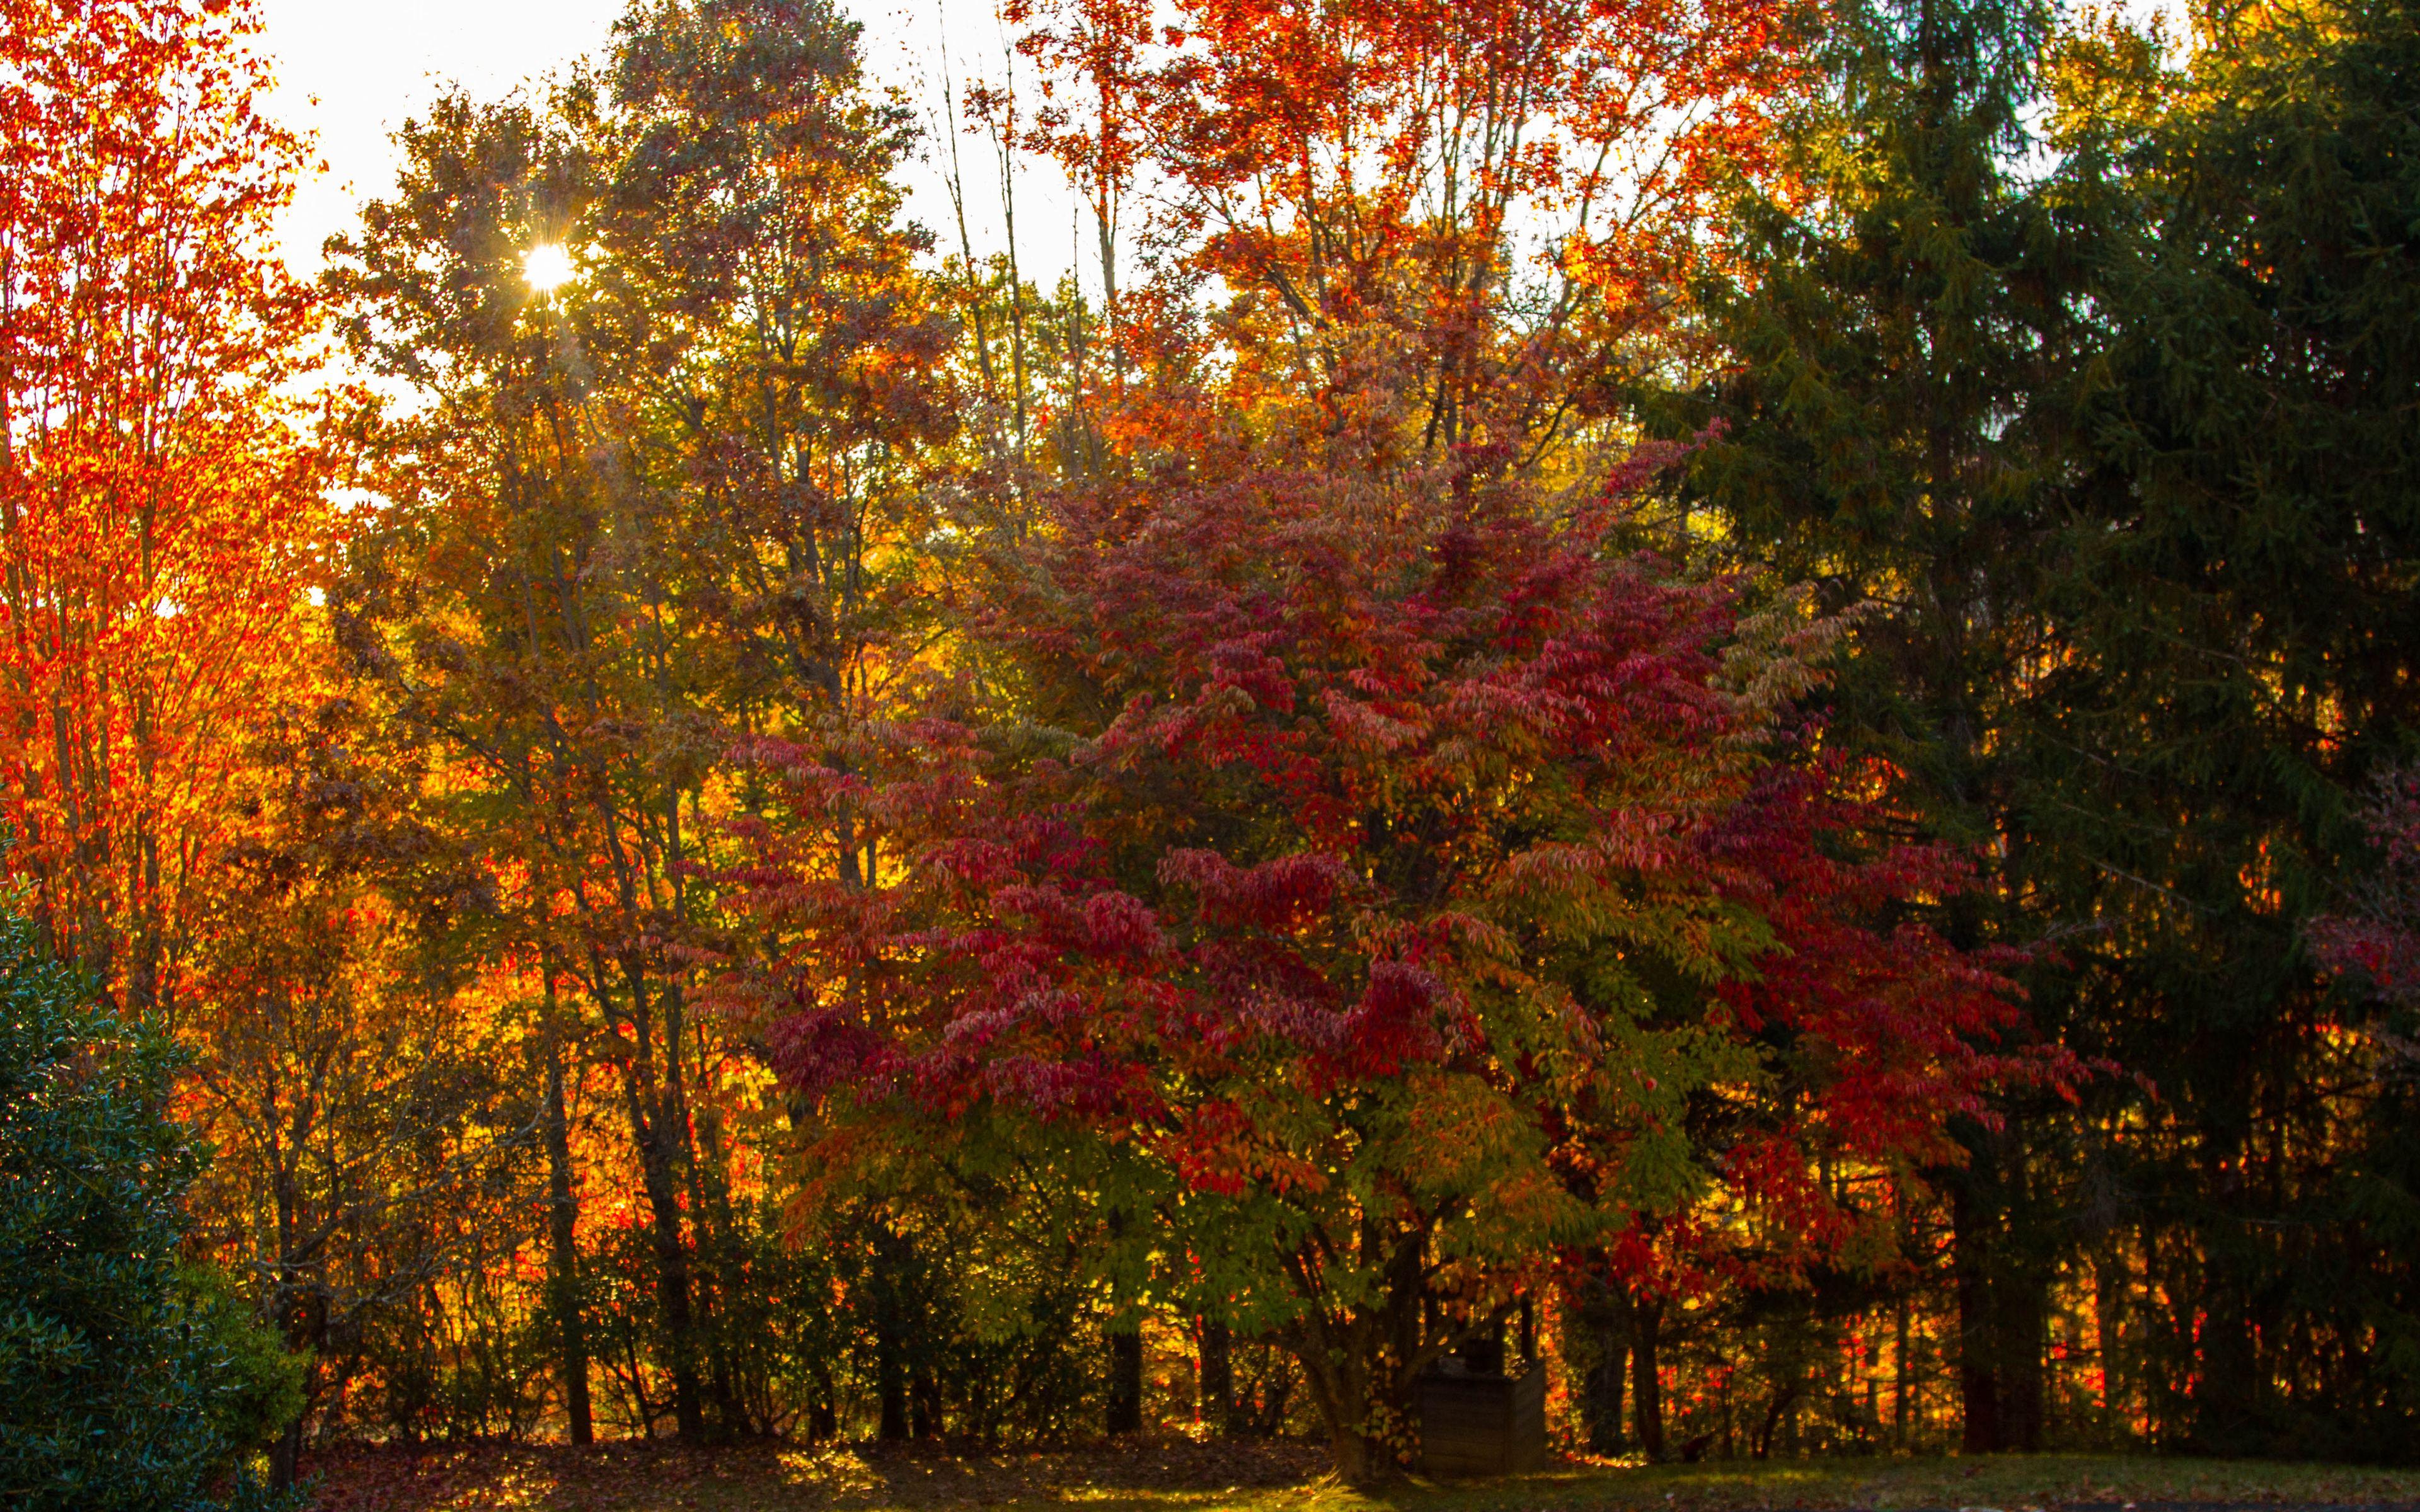 HDoboi.Kiev.ua - Яркие осенние деревья, 4k full hd Wide 16:10, красивая осень картинки для заставок бесплатно